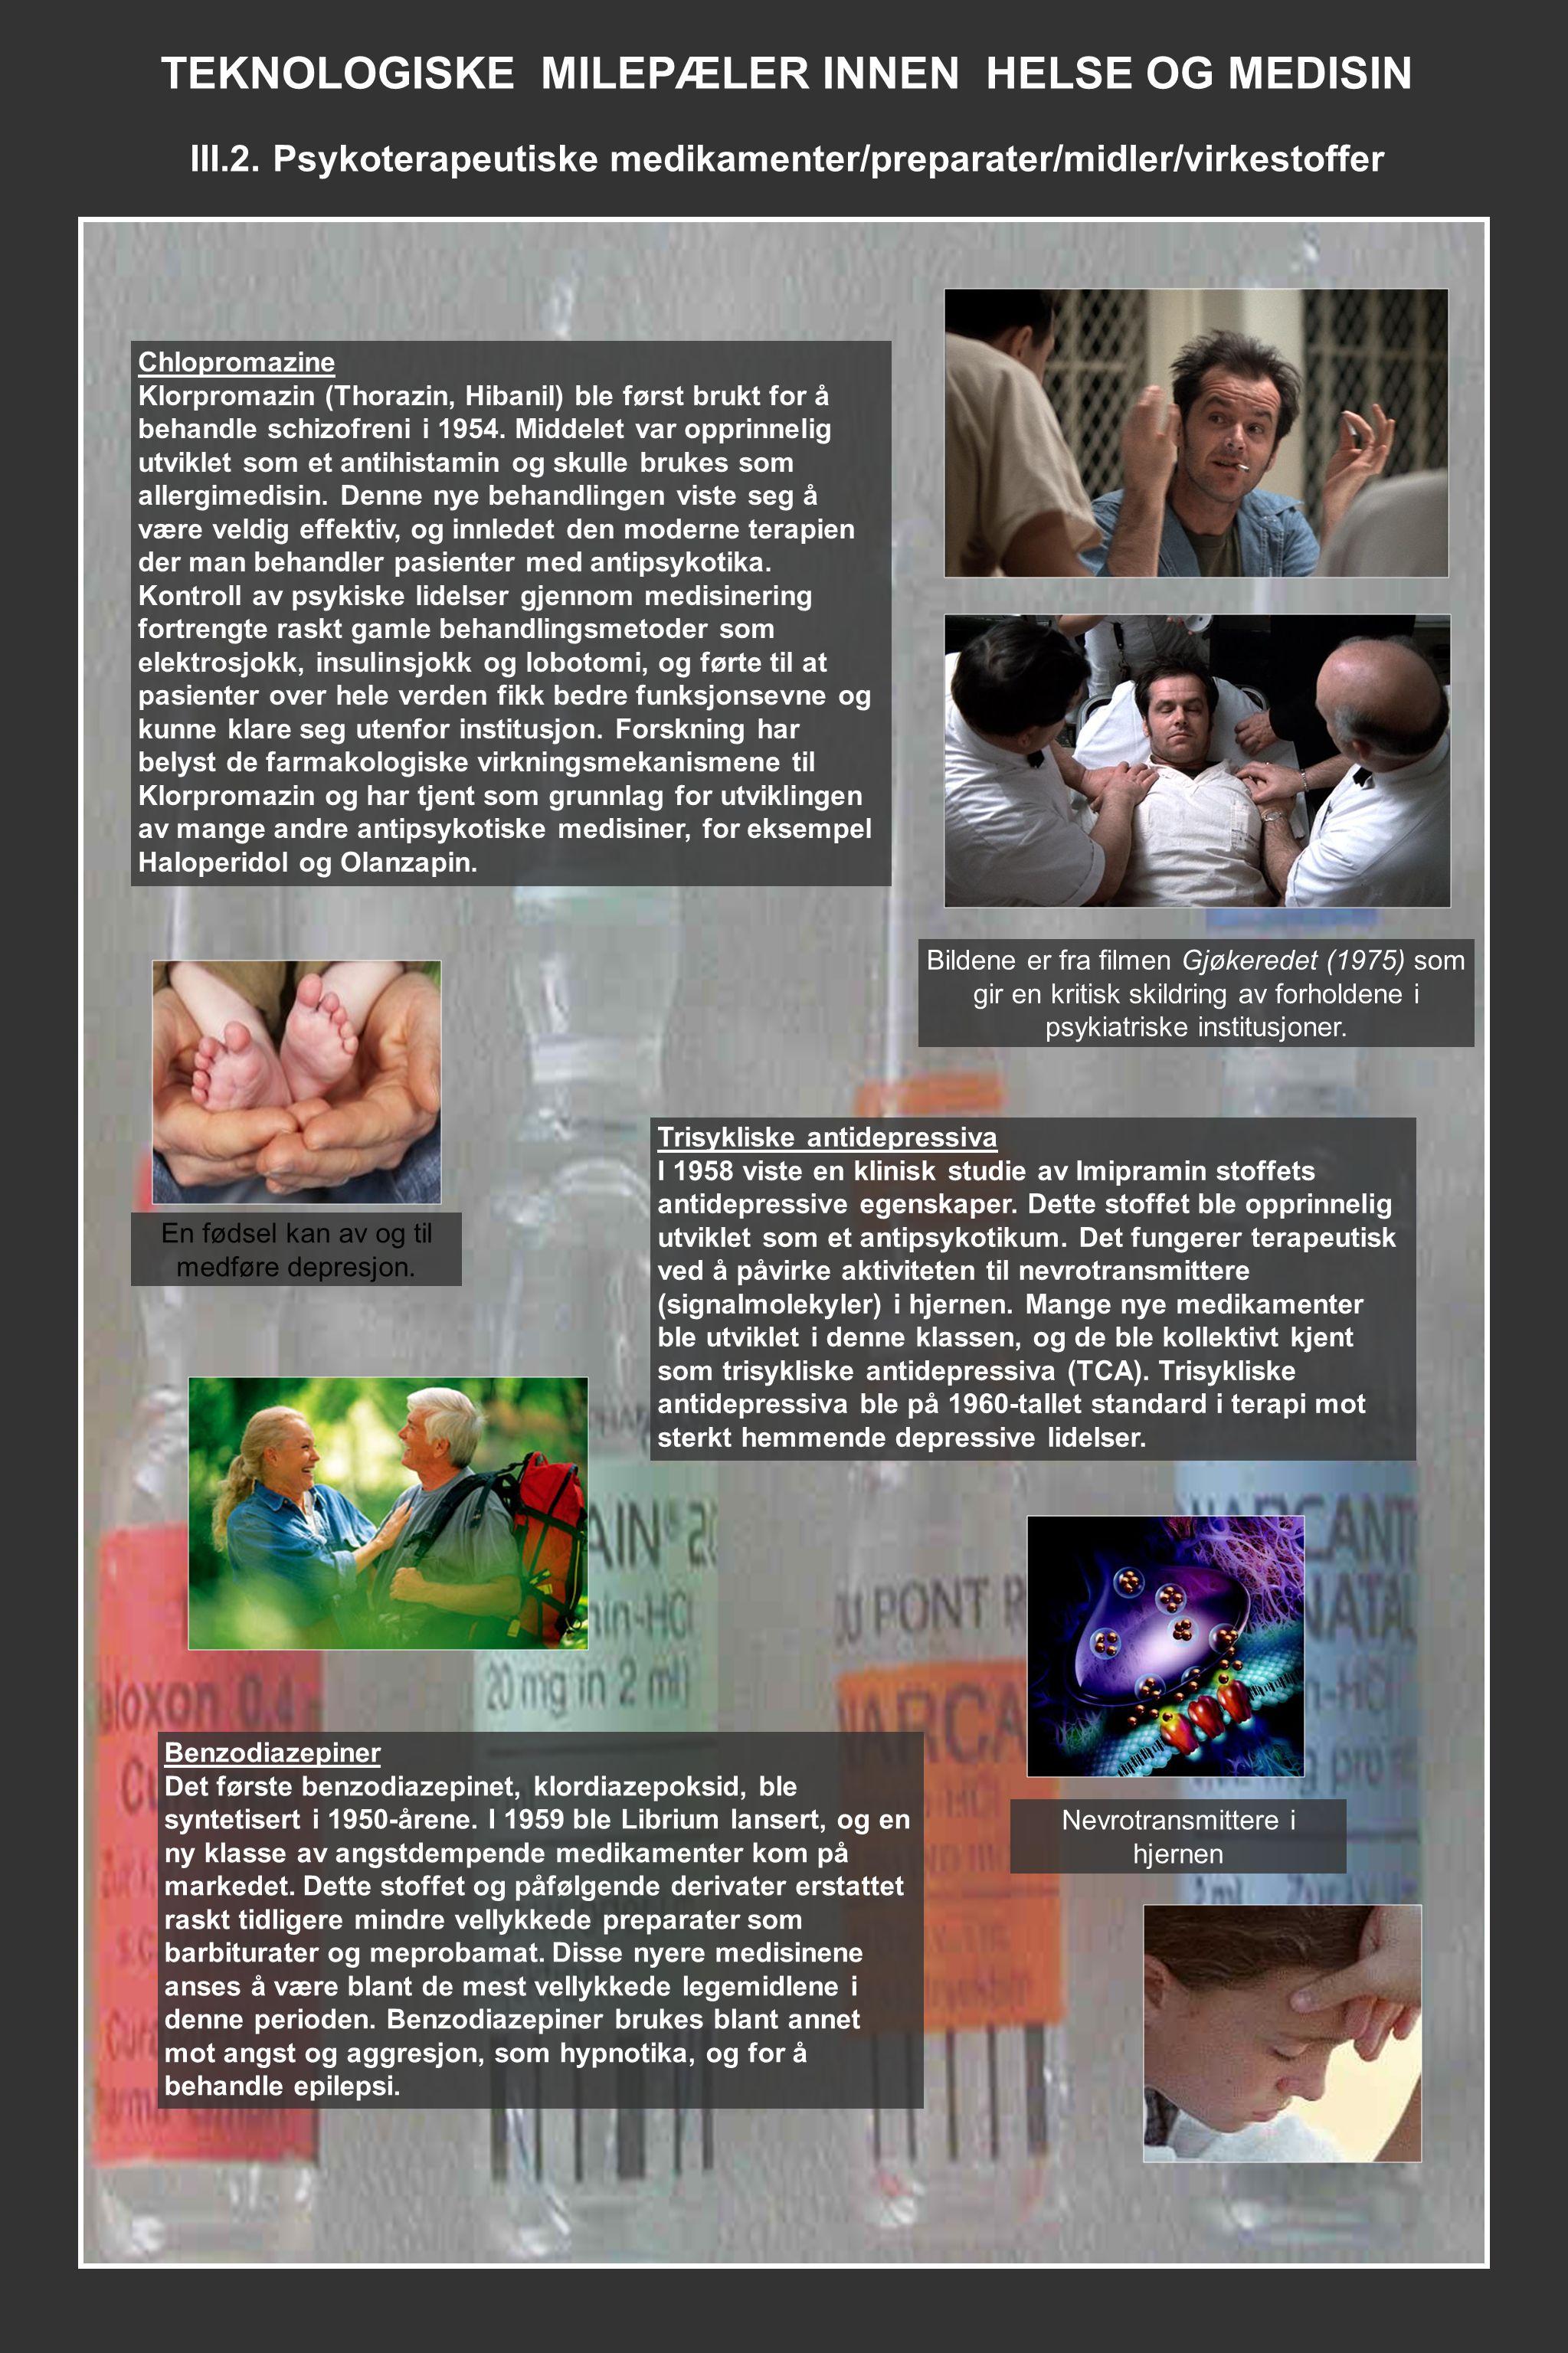 TEKNOLOGISKE MILEPÆLER INNEN HELSE OG MEDISIN III.2. Psykoterapeutiske medikamenter/preparater/midler/virkestoffer Chlopromazine Klorpromazin (Thorazi